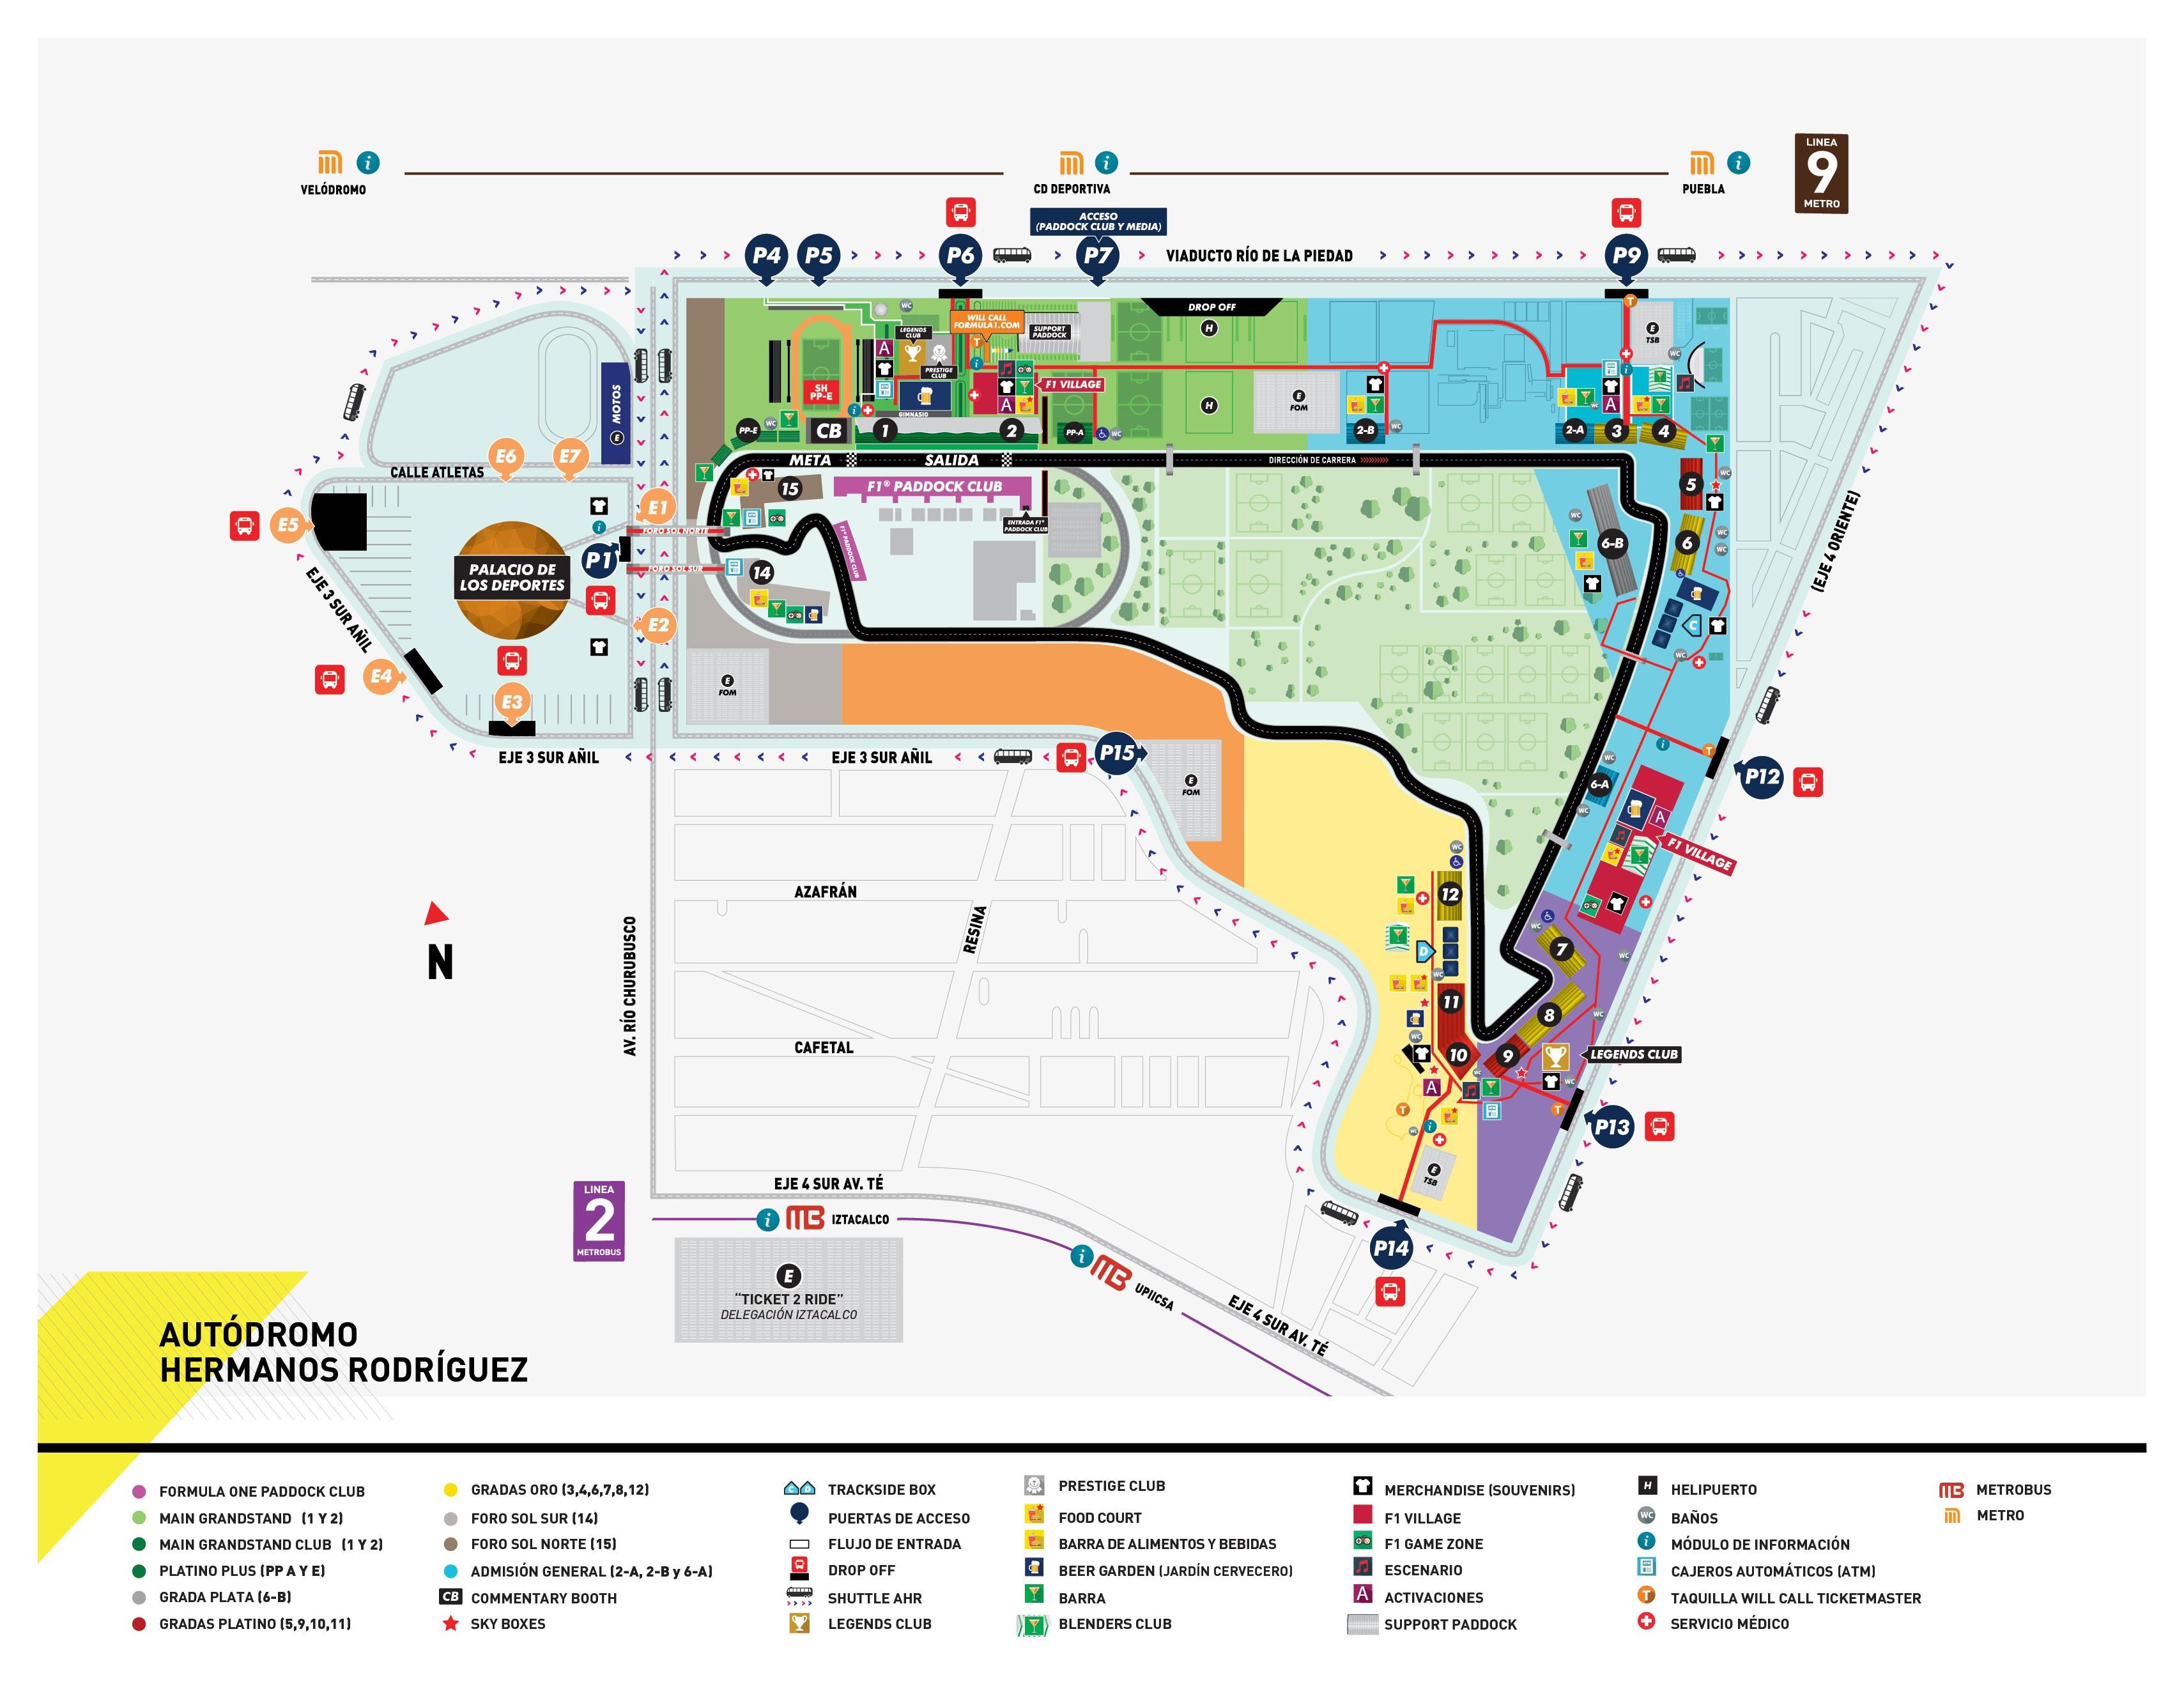 Mapa del circuito Autódromo Hermanos Rodríguez